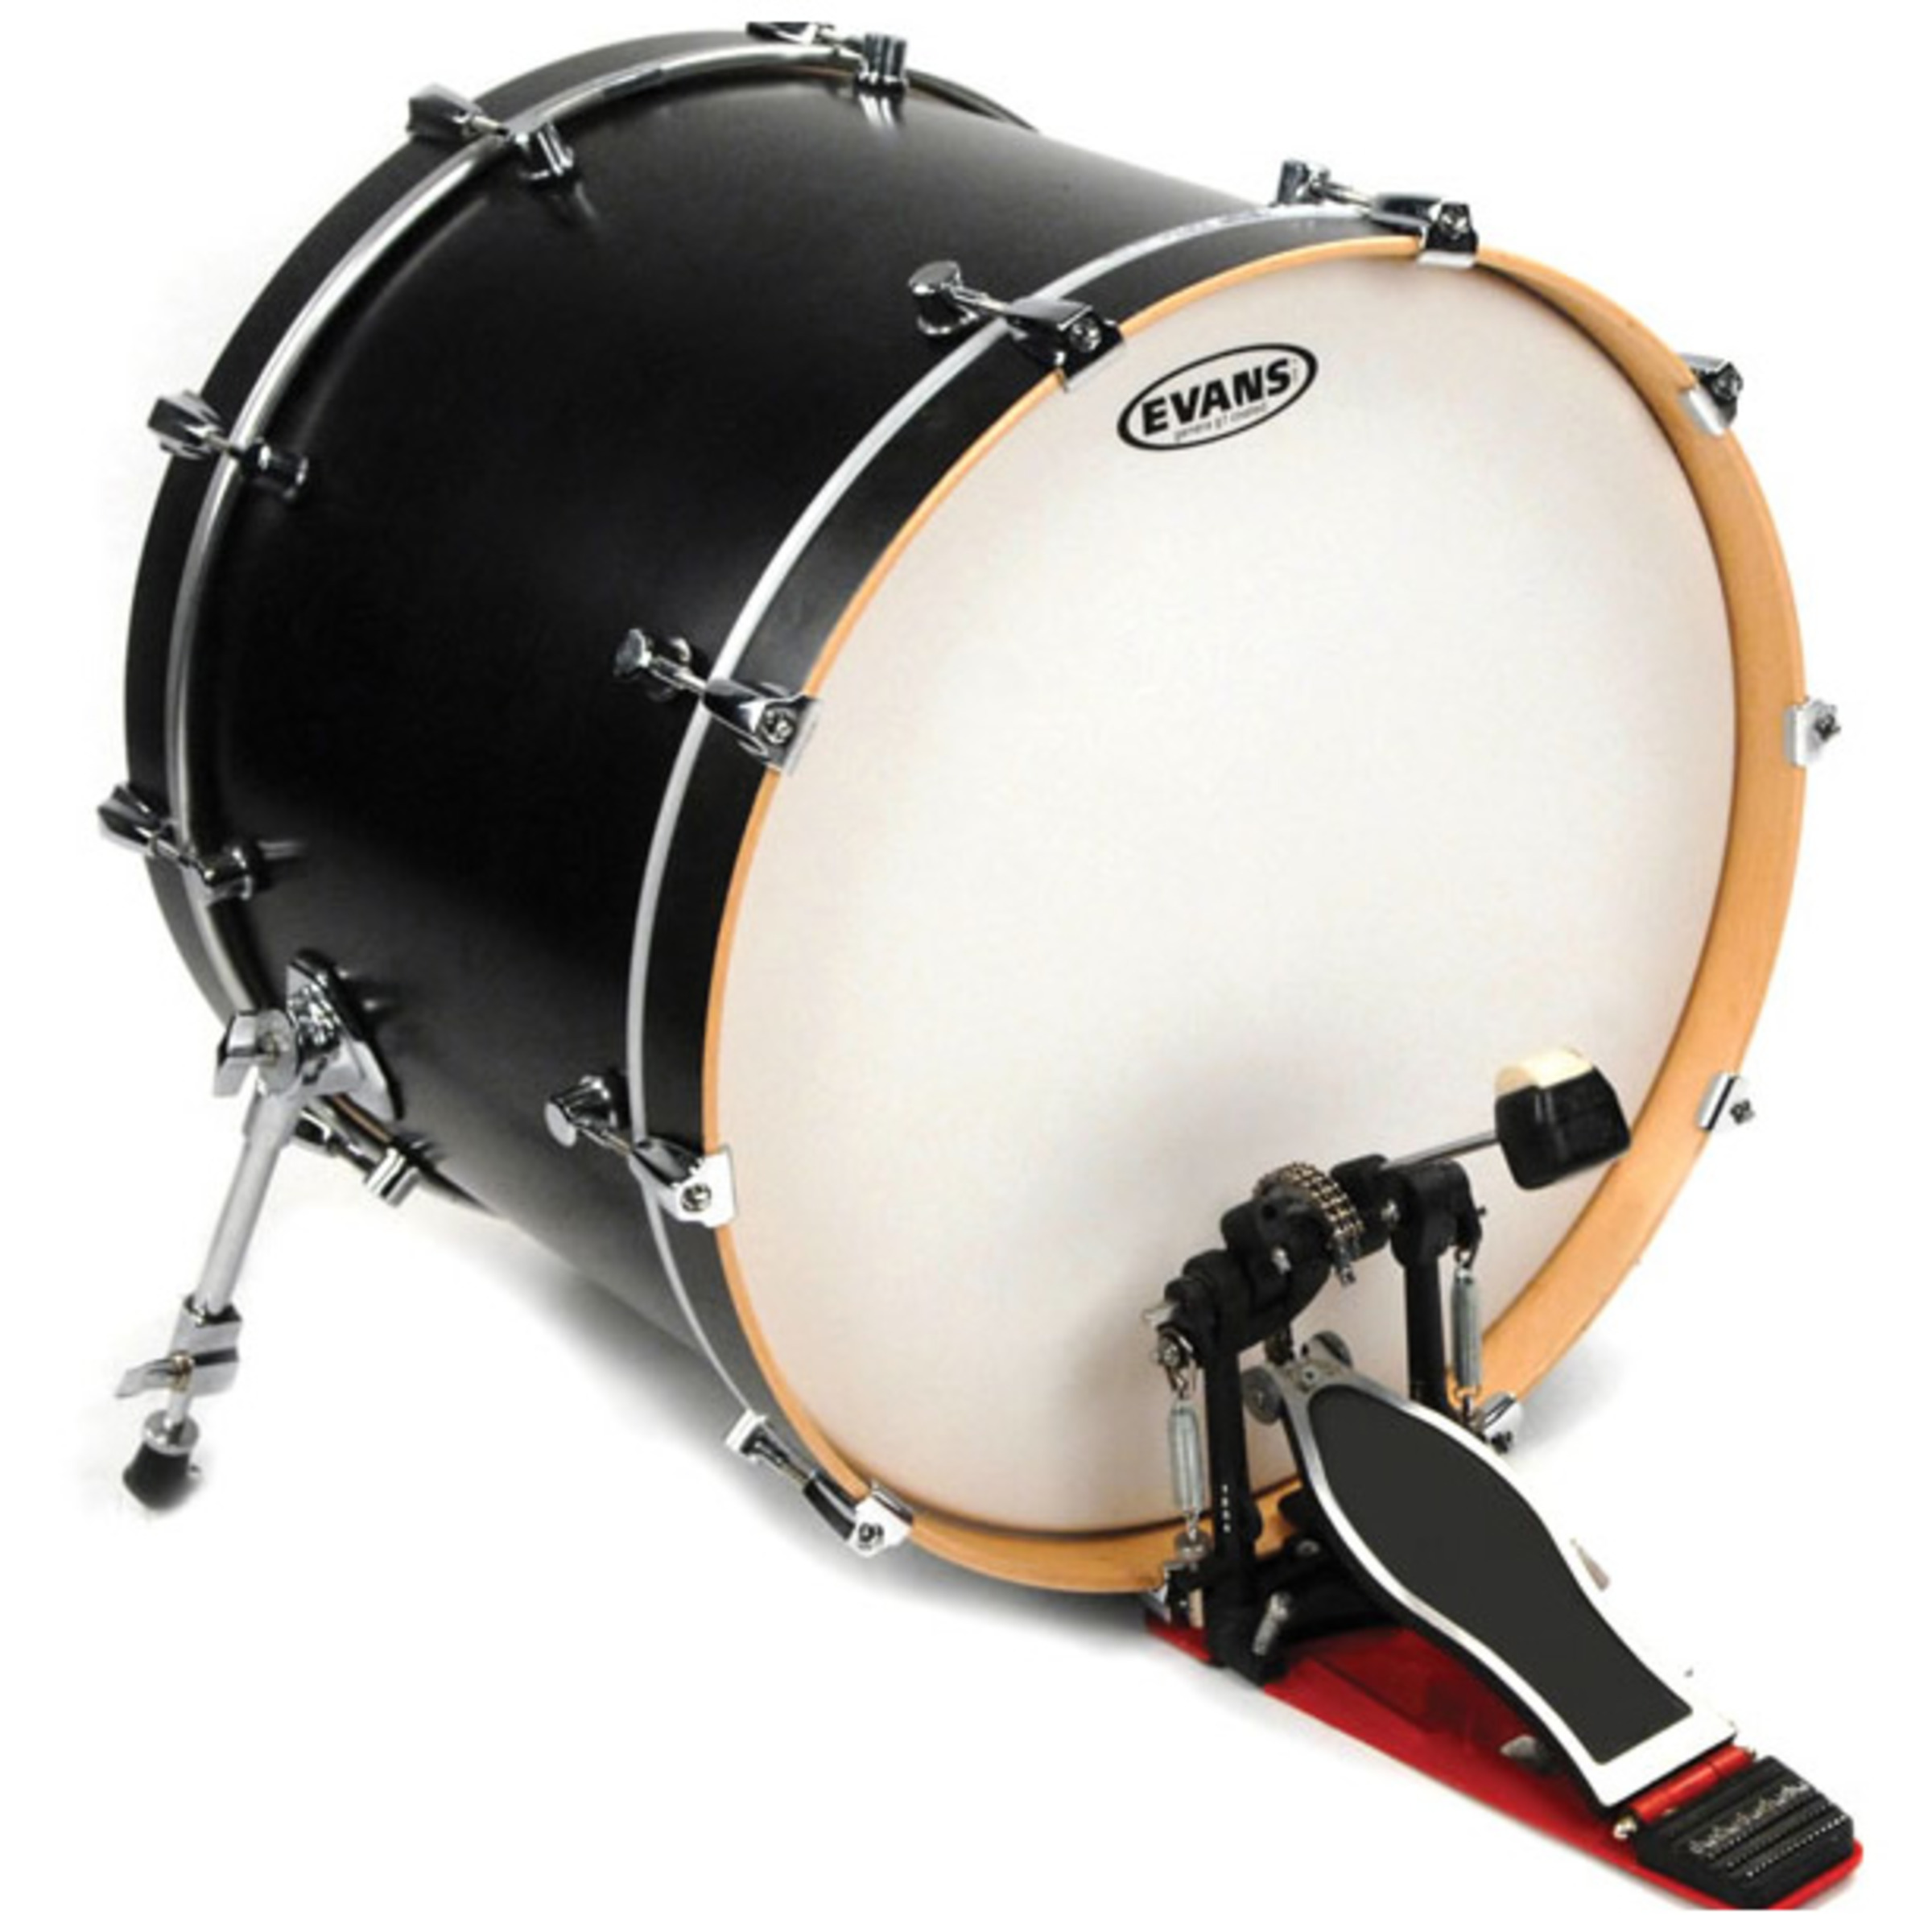 evans g1 coated bass drum batter head giggear. Black Bedroom Furniture Sets. Home Design Ideas